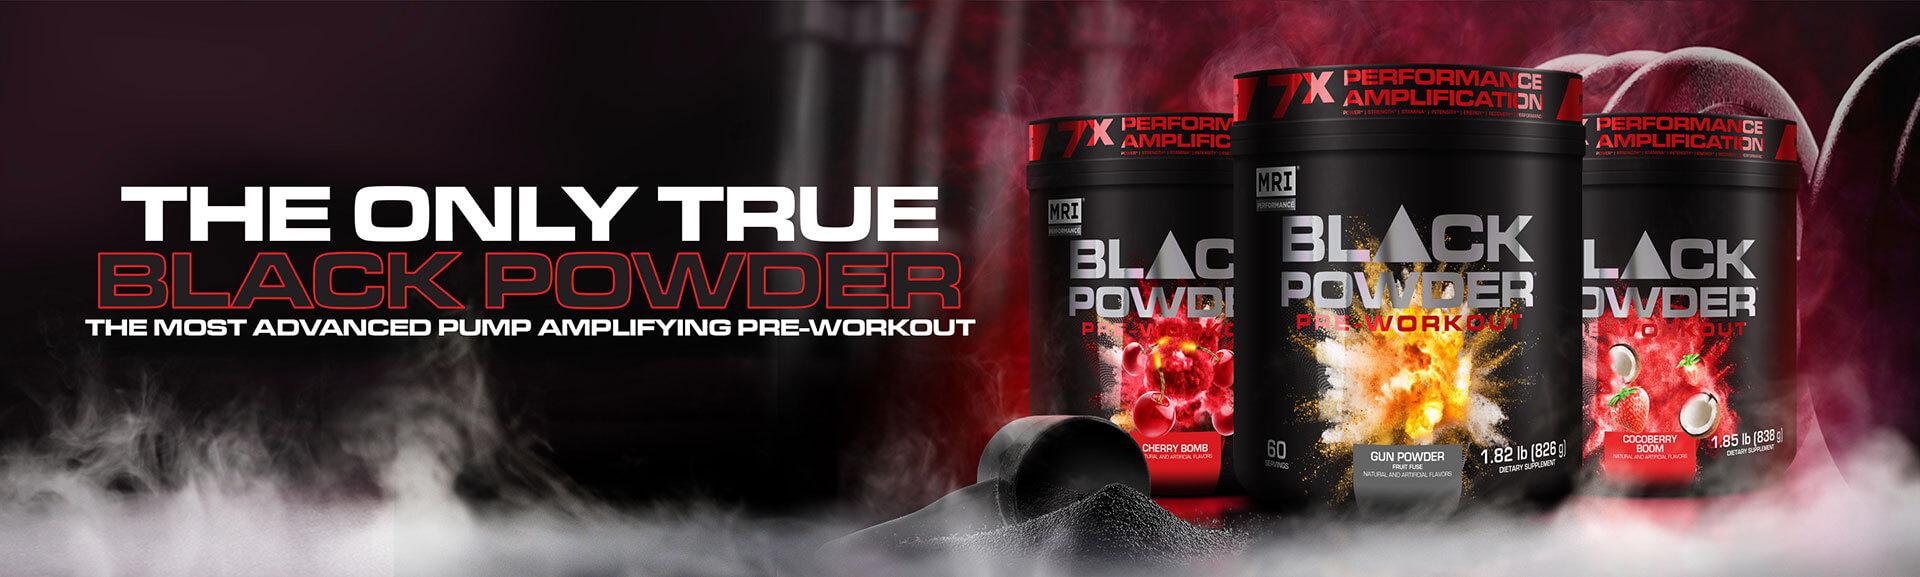 magnapower pre workout.jpg